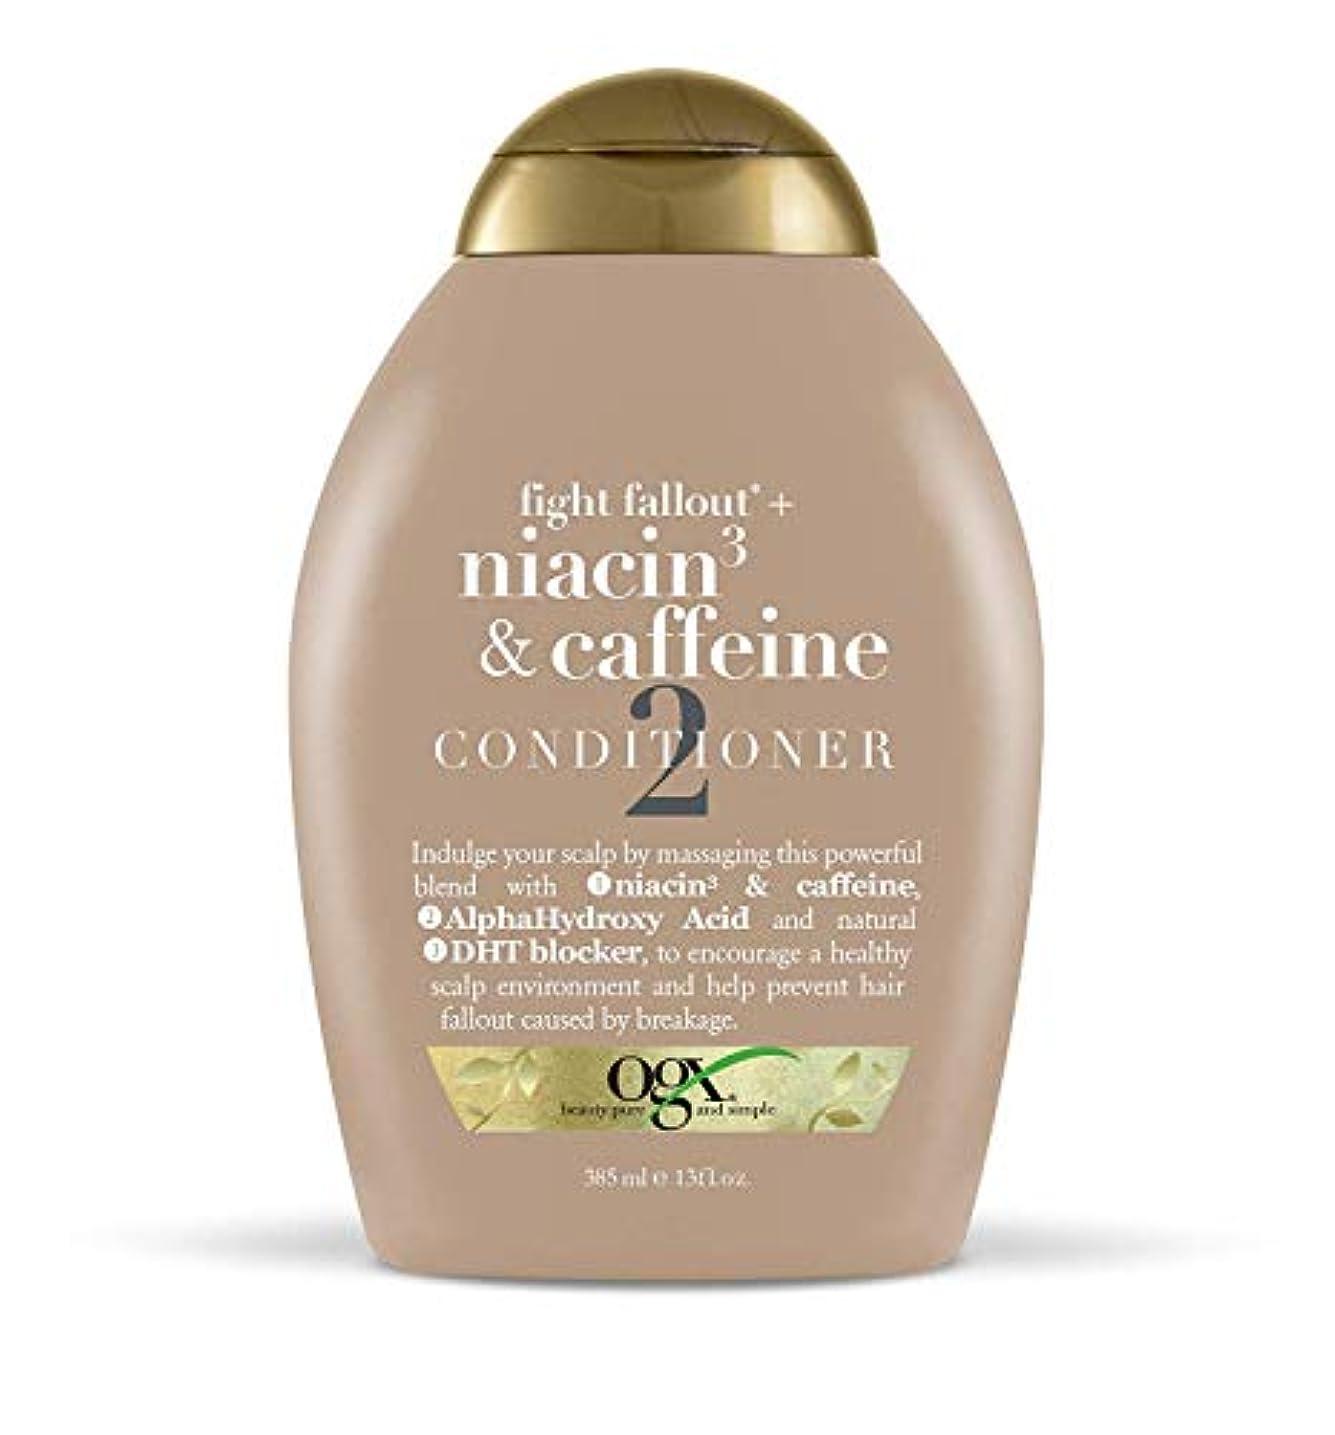 シフト主張ドリルOGX Conditioner Niacin 3 & Caffeine 13oz コンディショナー ナイアシン 3 & カフェイン 385 ml [並行輸入品]